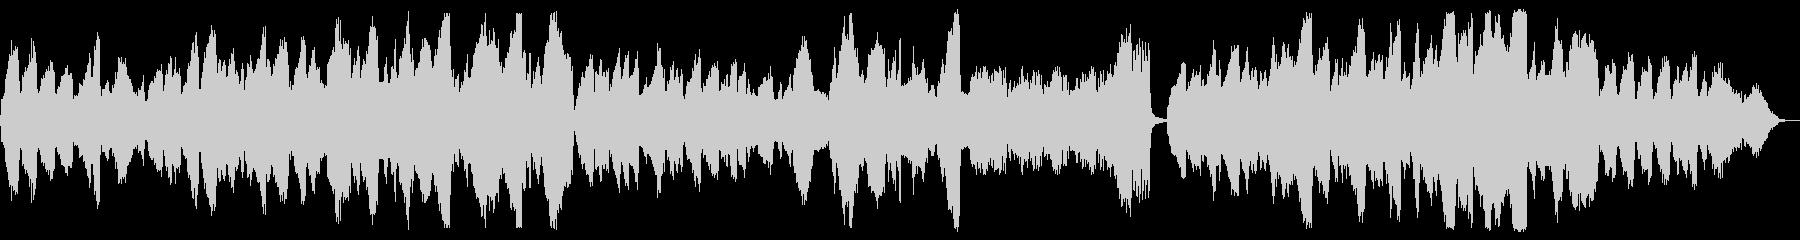 穏やかな弦楽四重奏曲の未再生の波形